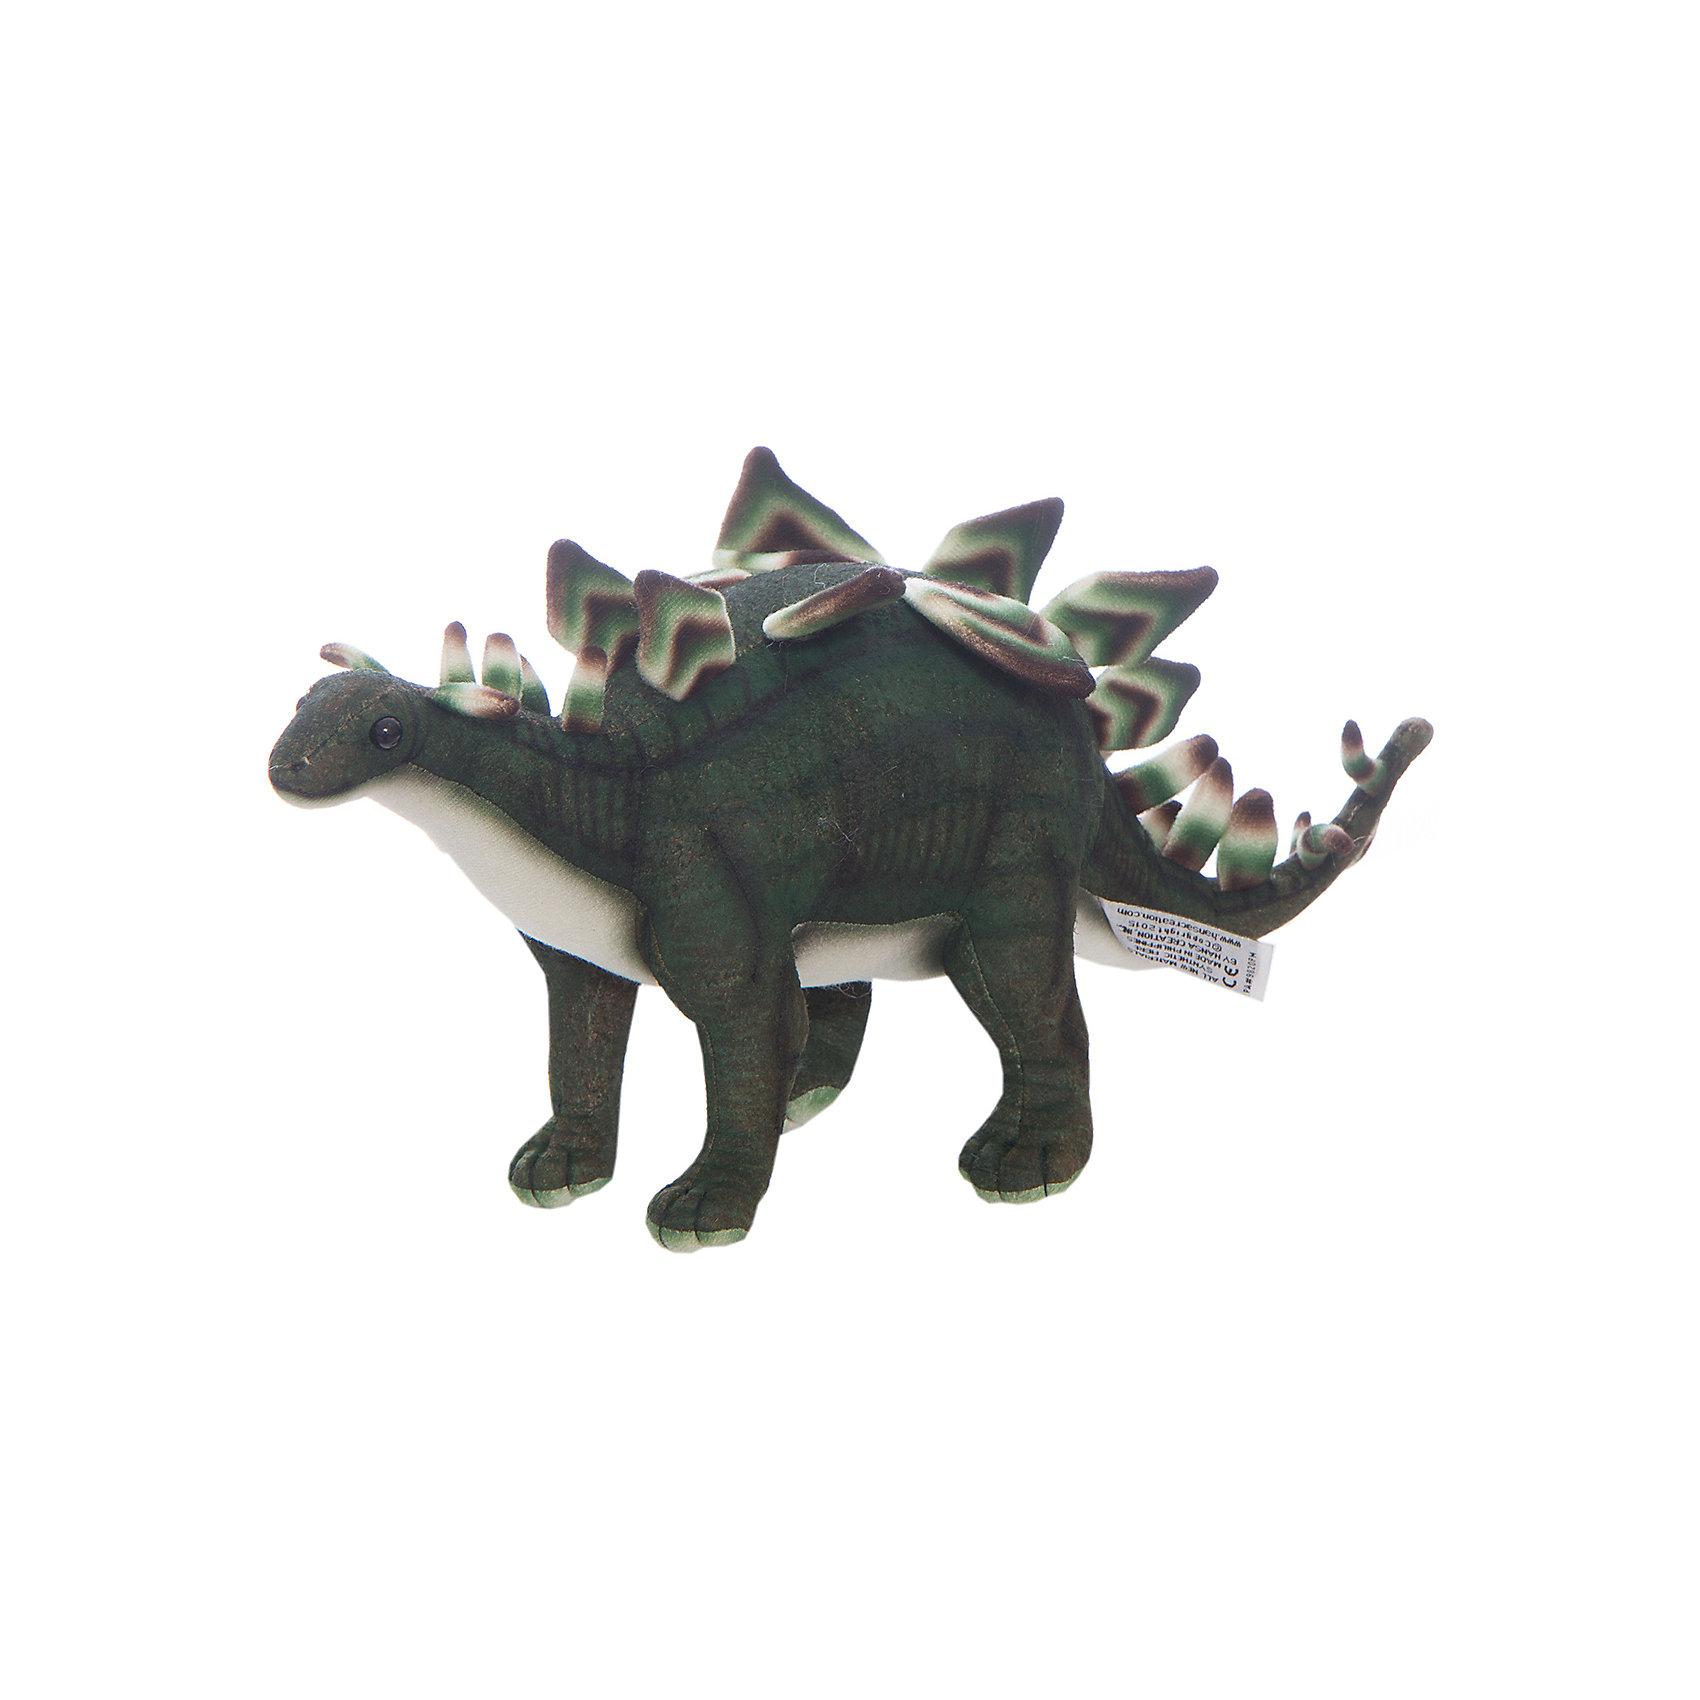 Стегозавр, 42 смМягкие игрушки животные<br>Стегозавр, 42 см – игрушка от знаменитого бренда Hansa, специализирующегося на выпуске мягких игрушек с высокой степенью натуралистичности. Внешний вид игрушечного стегозавра полностью соответствует восстановленому облику крышеящера, обитавшего в поздний юрский период. Игрушка выполнена из текстиля, который окрашен в оттенки, характерные для облика стегозавтра: коричнево-зеленая спина и горизонтадбные темно-зеленые полоски. Вдоль спины и хвоста – яркий гребень. Использованные материалы обладают гипоаллергенными свойствами. Внутри игрушки имеется металлический каркас, позволяющий изменять положение. <br>Игрушка относится к серии Доисторические животные. <br>Мягкие игрушки от Hansa подходят для сюжетно-ролевых игр, для обучающих игр, направленных на знакомство с животным миром дикой природы. Кроме того, их можно использовать в качестве интерьерных игрушек. Коллекция из нескольких игрушек позволяет воссоздать доисторическую эпоху. Игрушки от Hansa, будут радовать вашего ребенка долгое время, так как ручная работа и качественные материалы гарантируют их долговечность и прочность.<br><br>Дополнительная информация:<br><br>- Вид игр: сюжетно-ролевые игры, коллекционирование, интерьерные игрушки<br>- Предназначение: для дома, для детских развивающих центров, для детских садов<br>- Материал: текстиль, наполнитель ? полиэфирное волокно<br>- Размер (ДхШхВ): 42*19*8 см<br>- Вес: 1 кг 200 г<br>- Особенности ухода: сухая чистка при помощи пылесоса или щетки для одежды<br><br>Подробнее:<br><br>• Для детей в возрасте: от 3 лет <br>• Страна производитель: Филиппины<br>• Торговый бренд: Hansa<br><br>Стегозавра, 42 см можно купить в нашем интернет-магазине.<br><br>Ширина мм: 42<br>Глубина мм: 19<br>Высота мм: 8<br>Вес г: 1200<br>Возраст от месяцев: 36<br>Возраст до месяцев: 2147483647<br>Пол: Унисекс<br>Возраст: Детский<br>SKU: 4927220